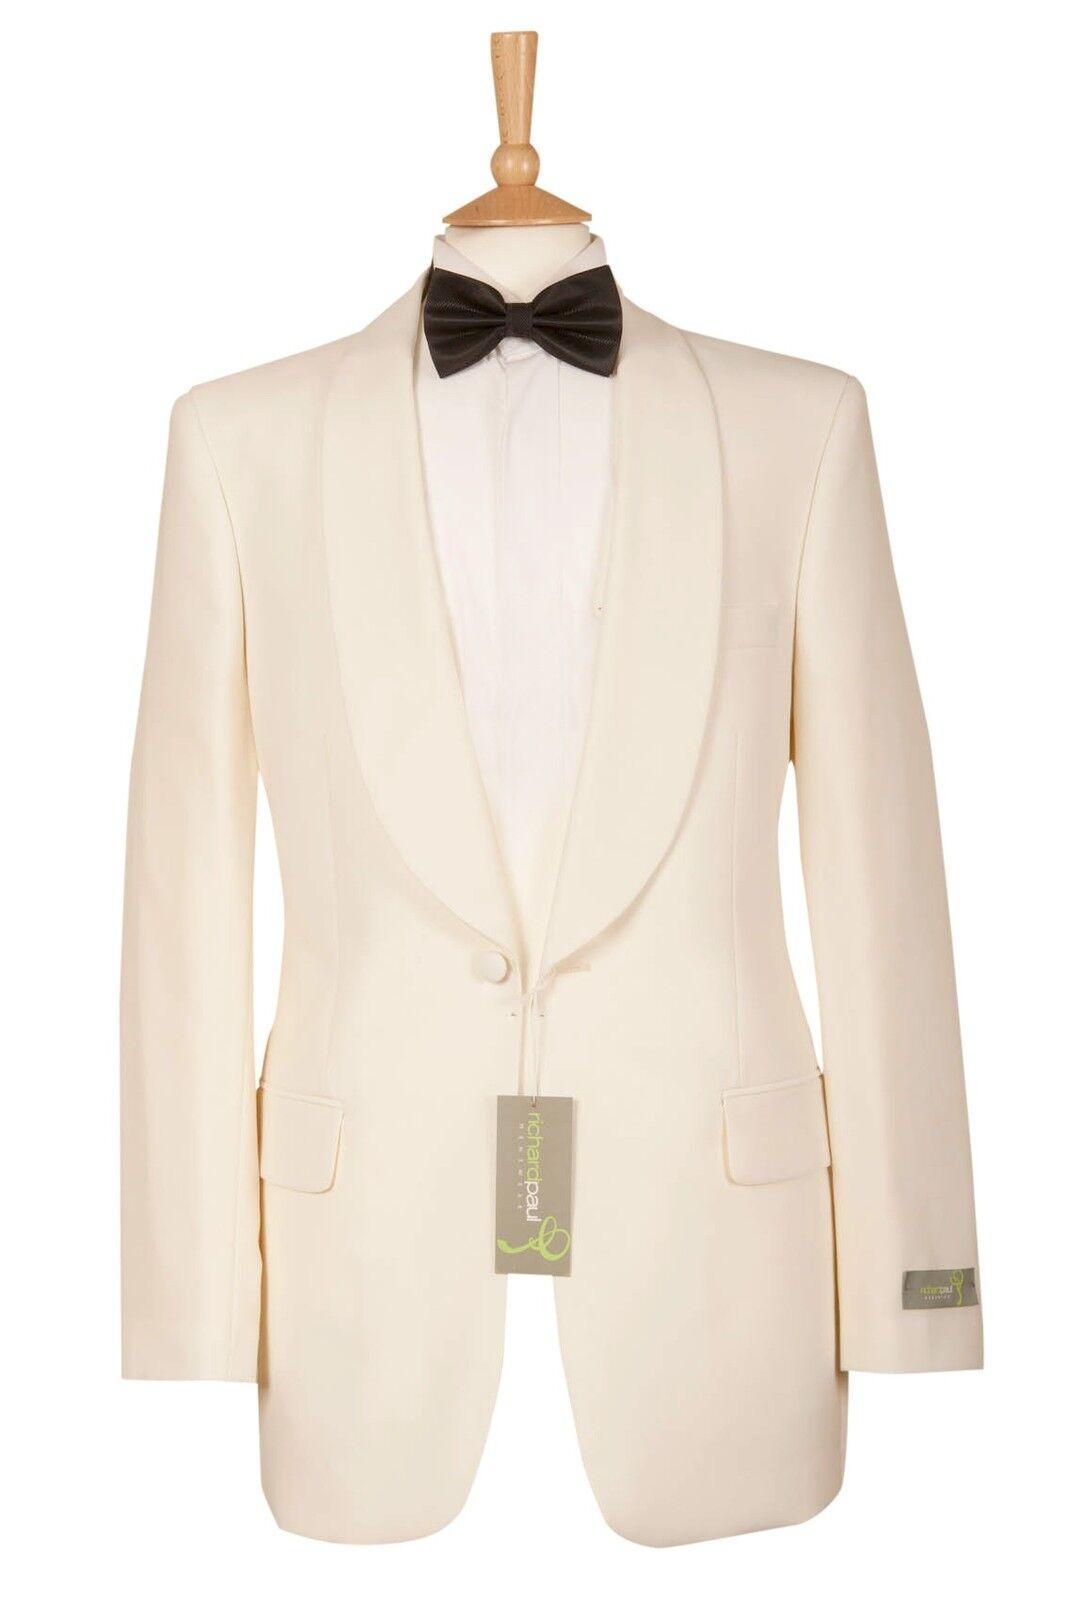 Ivory Shawl Collar Tuxedo Jacket